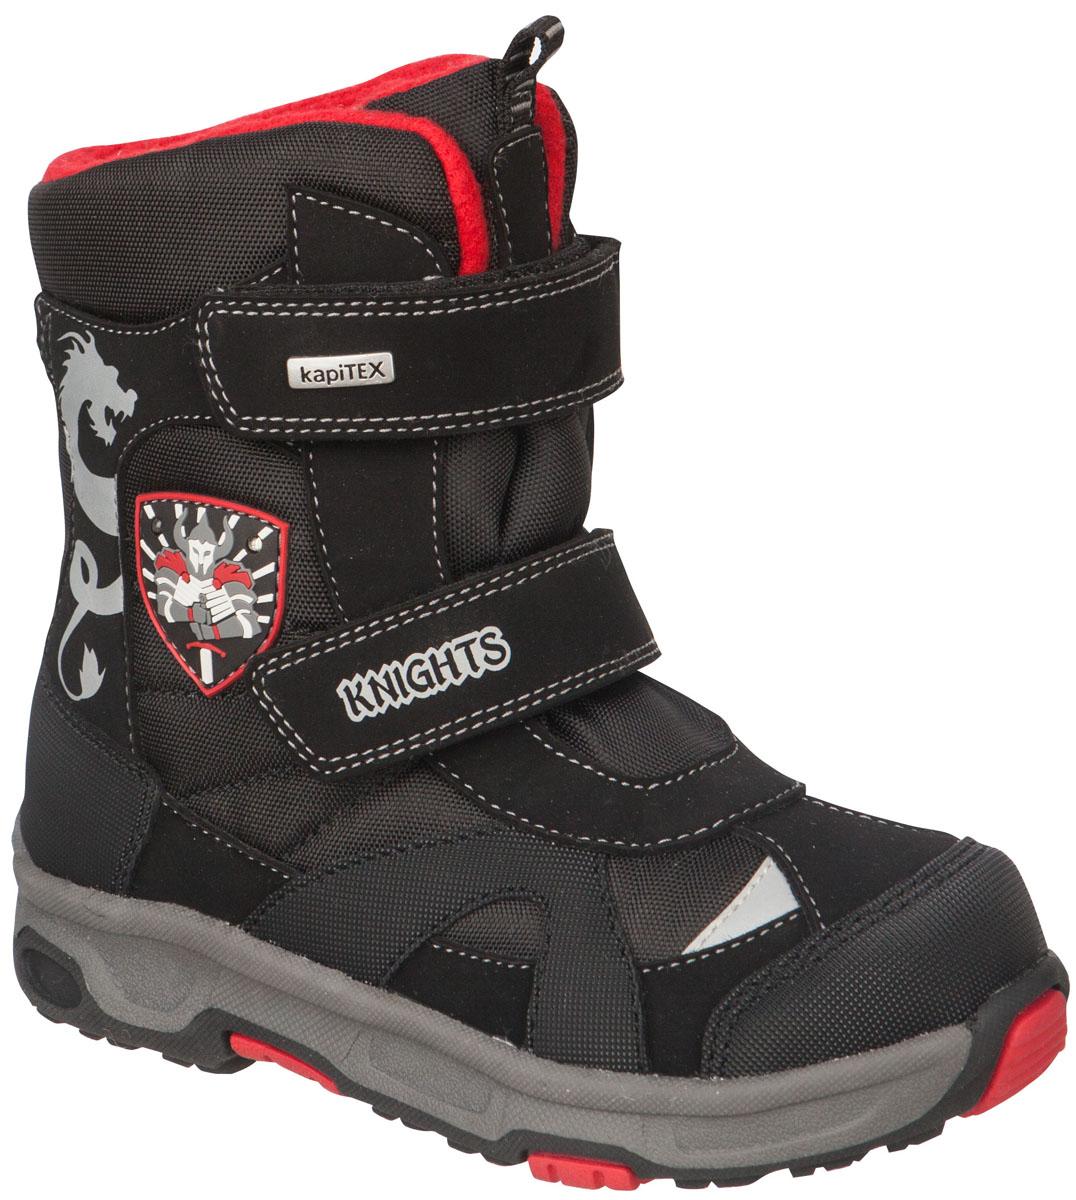 42171-1Легкие, удобные и теплые ботинки от Kapika выполнены из мембранных материалов и искусственной кожи. Два ремешка на застежках-липучках надежно фиксируют изделие на ноге. Мягкая подкладка и стелька из шерсти обеспечивают тепло, циркуляцию воздуха и сохраняют комфортный микроклимат в обуви. Подошва с протектором гарантирует идеальное сцепление с любыми поверхностями. Идеальная зимняя обувь для активных детей. Модель большемерит на 1 размер.